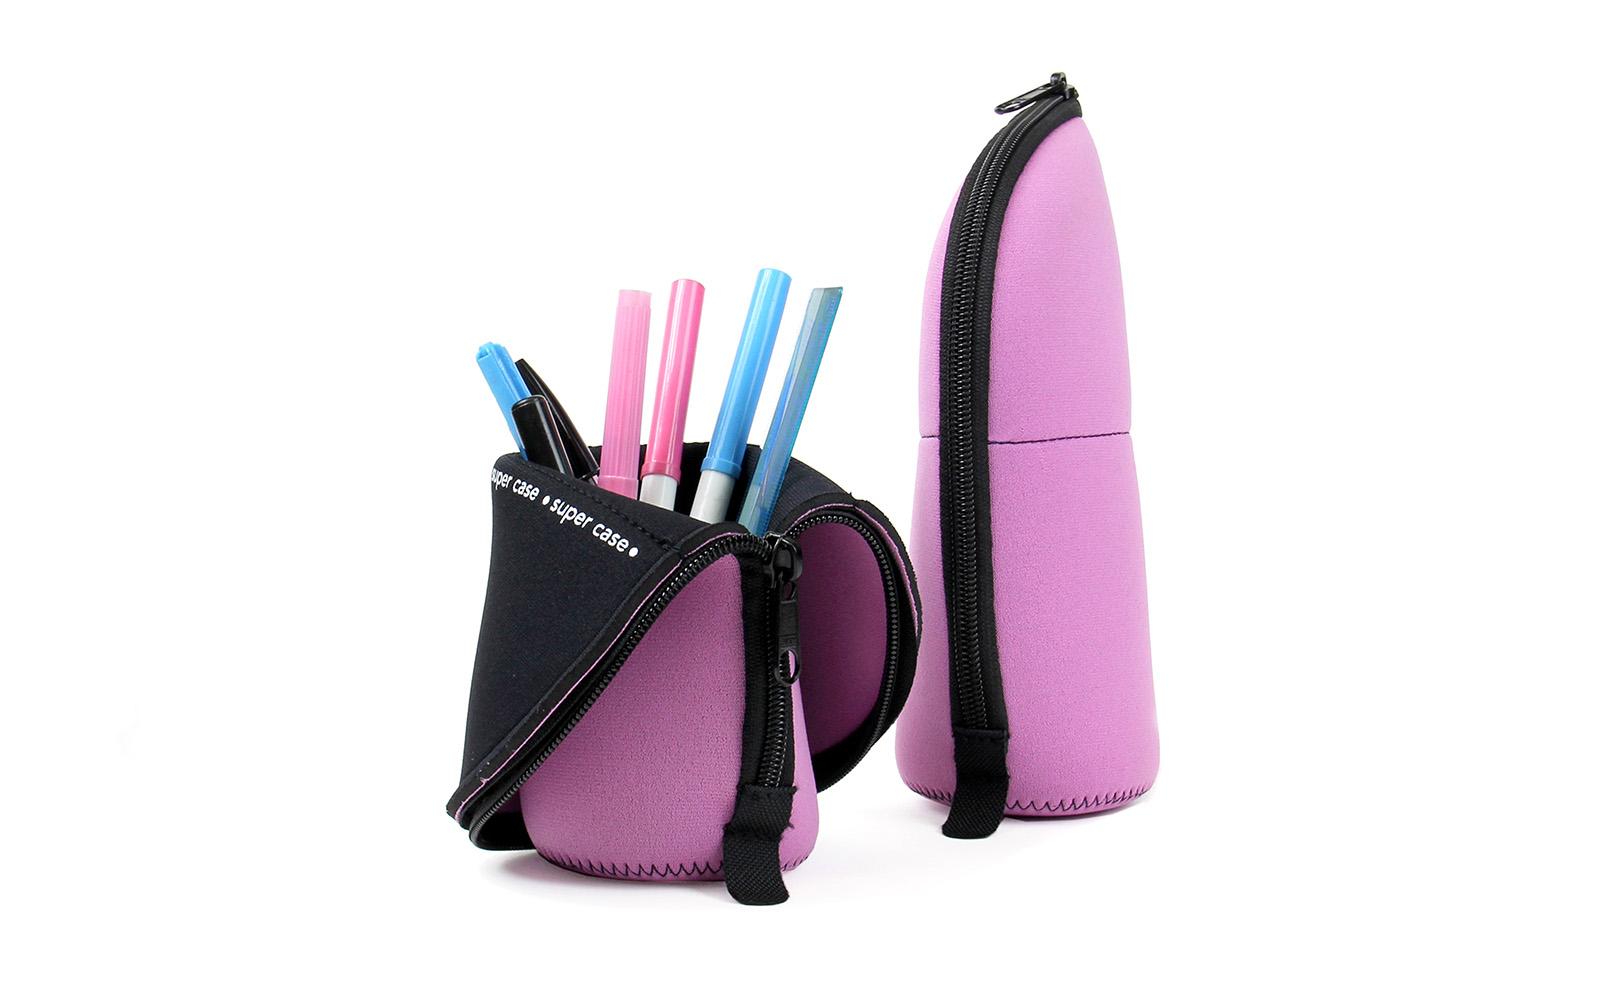 Supercase-pink-both